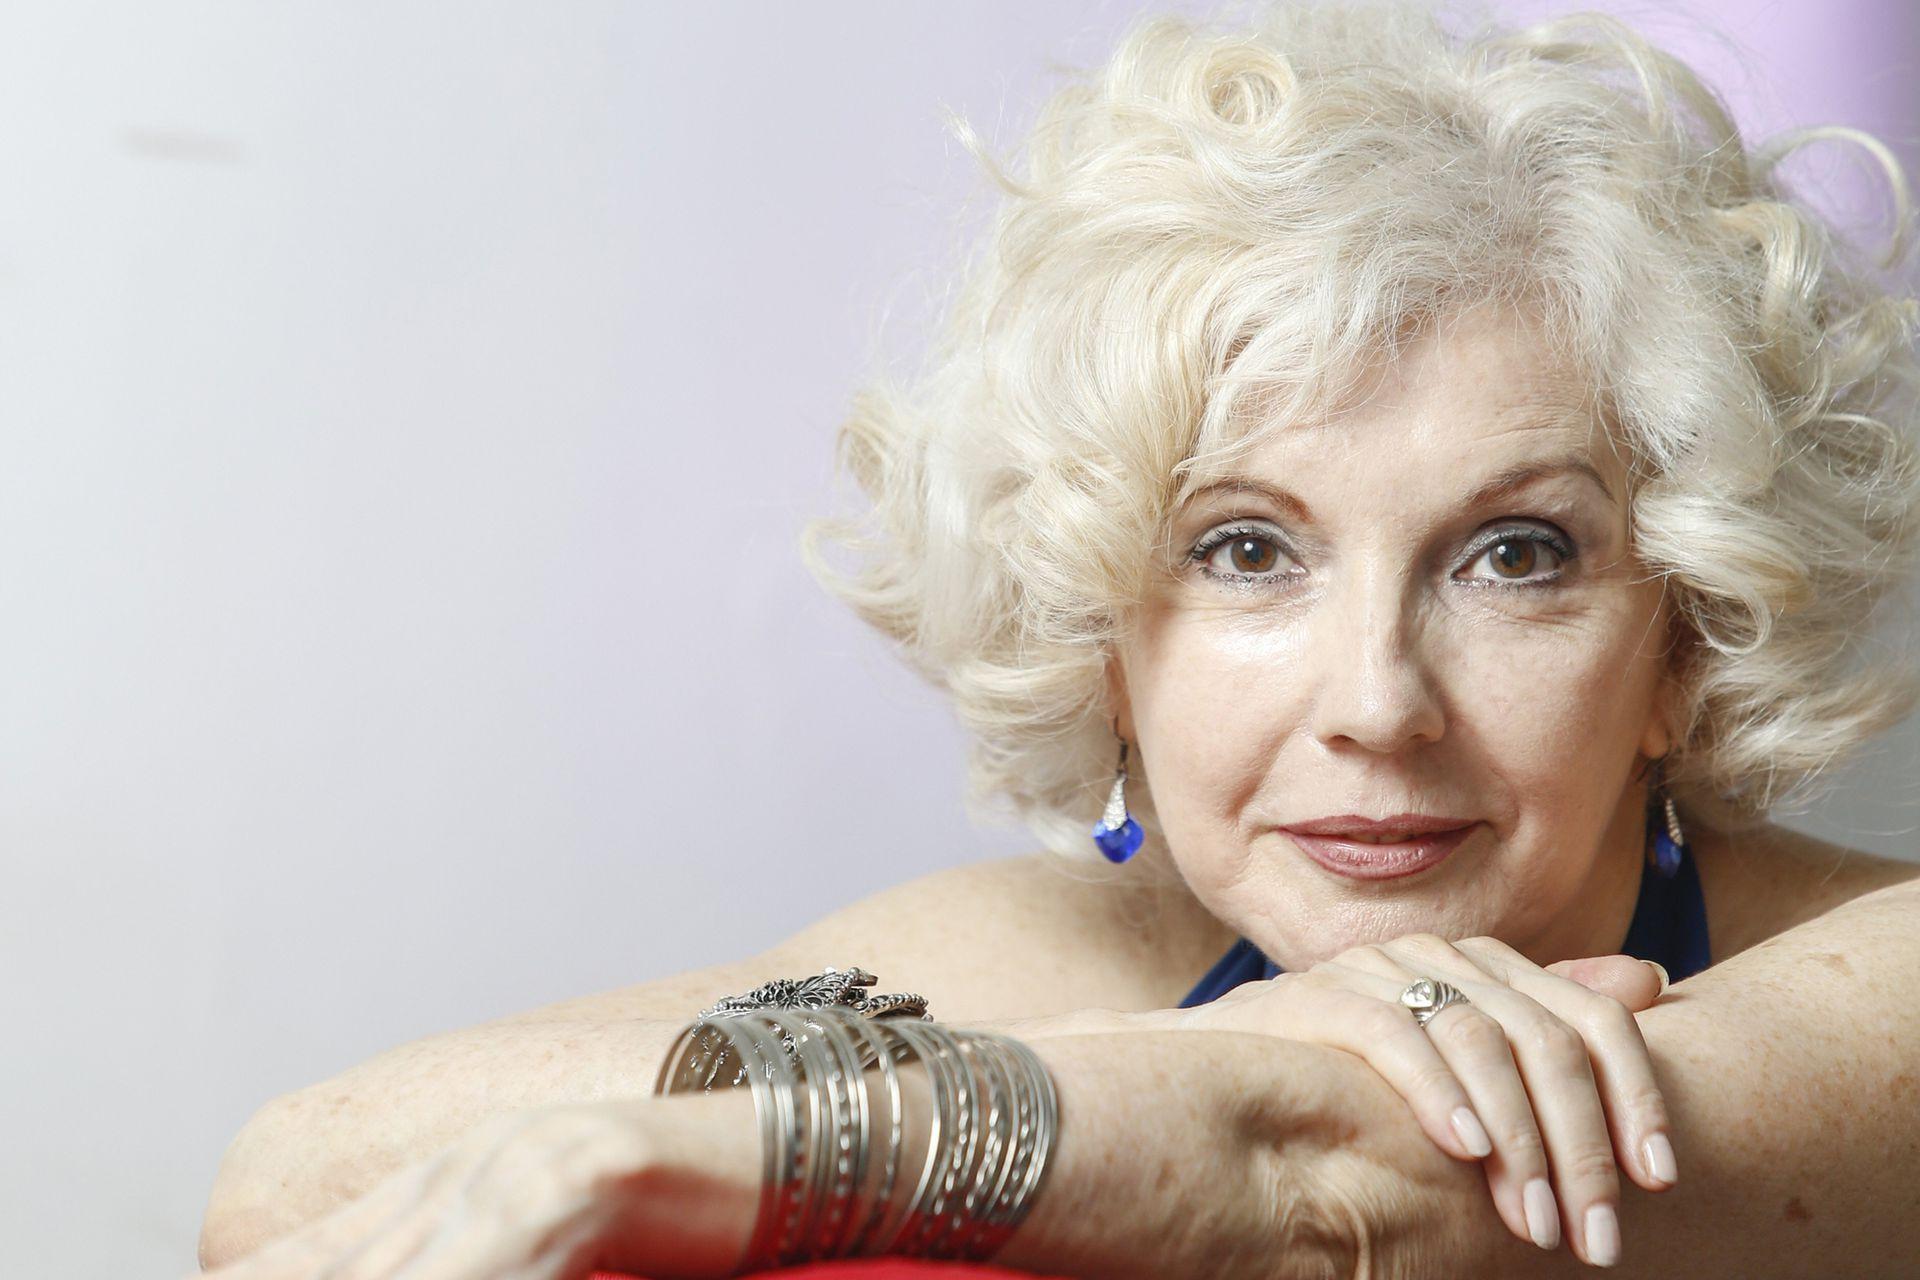 La prestigiosa y reconocida Ana María Cores fue una de las intérpretes que más veces se puso la nariz roja para Midón y Gianni